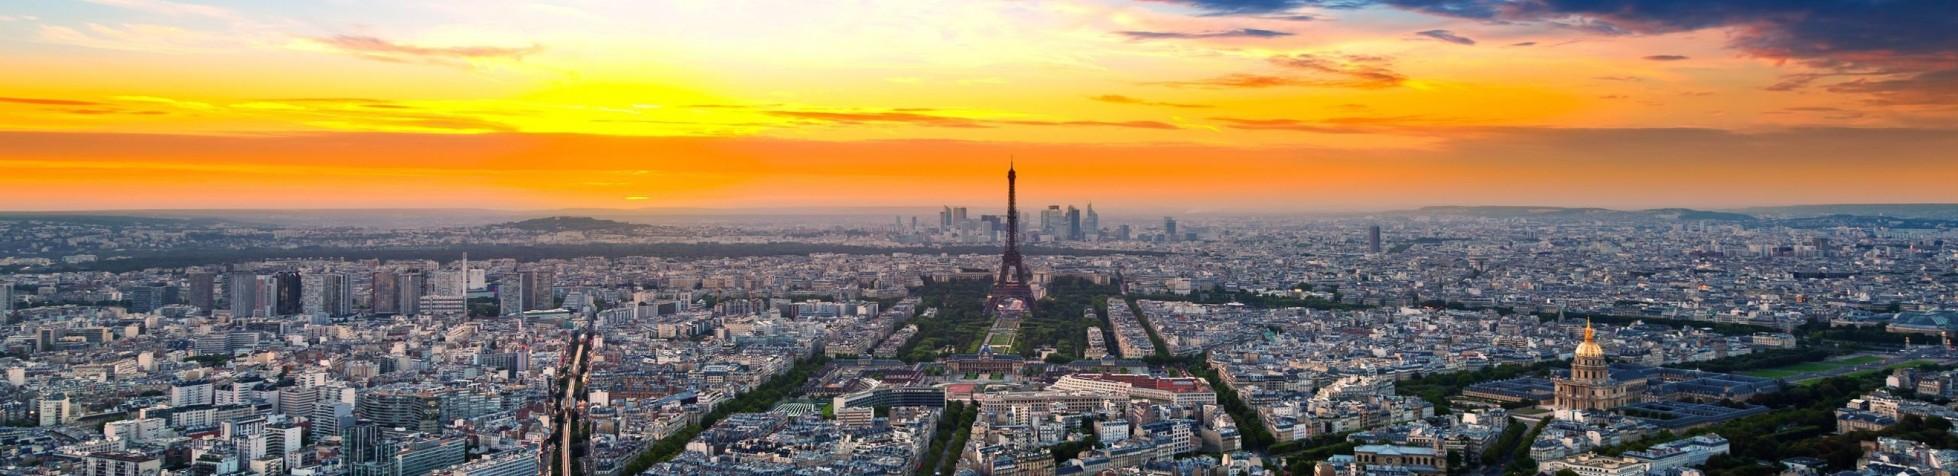 Pariz novogodisnja putovanja ponude